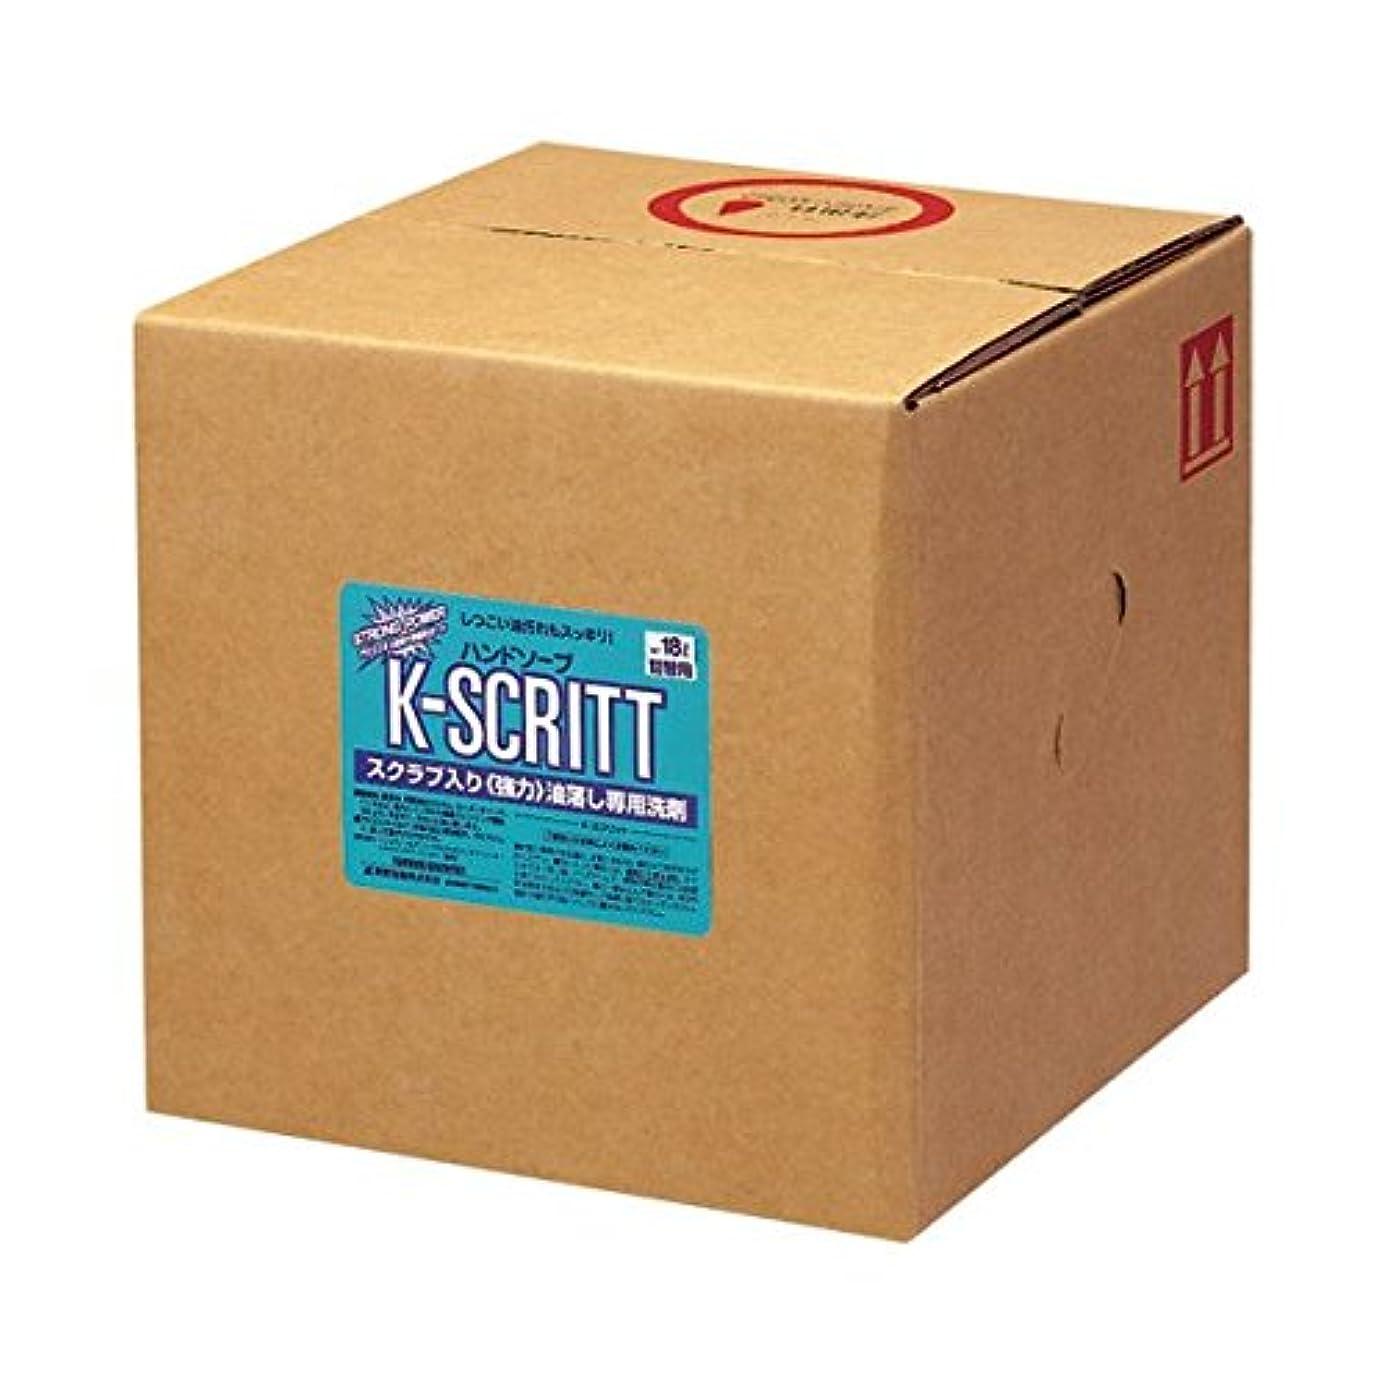 打撃道路を作るプロセス人質熊野油脂 K-スクリット ハンドソープ 詰替用 18L ds-1825966